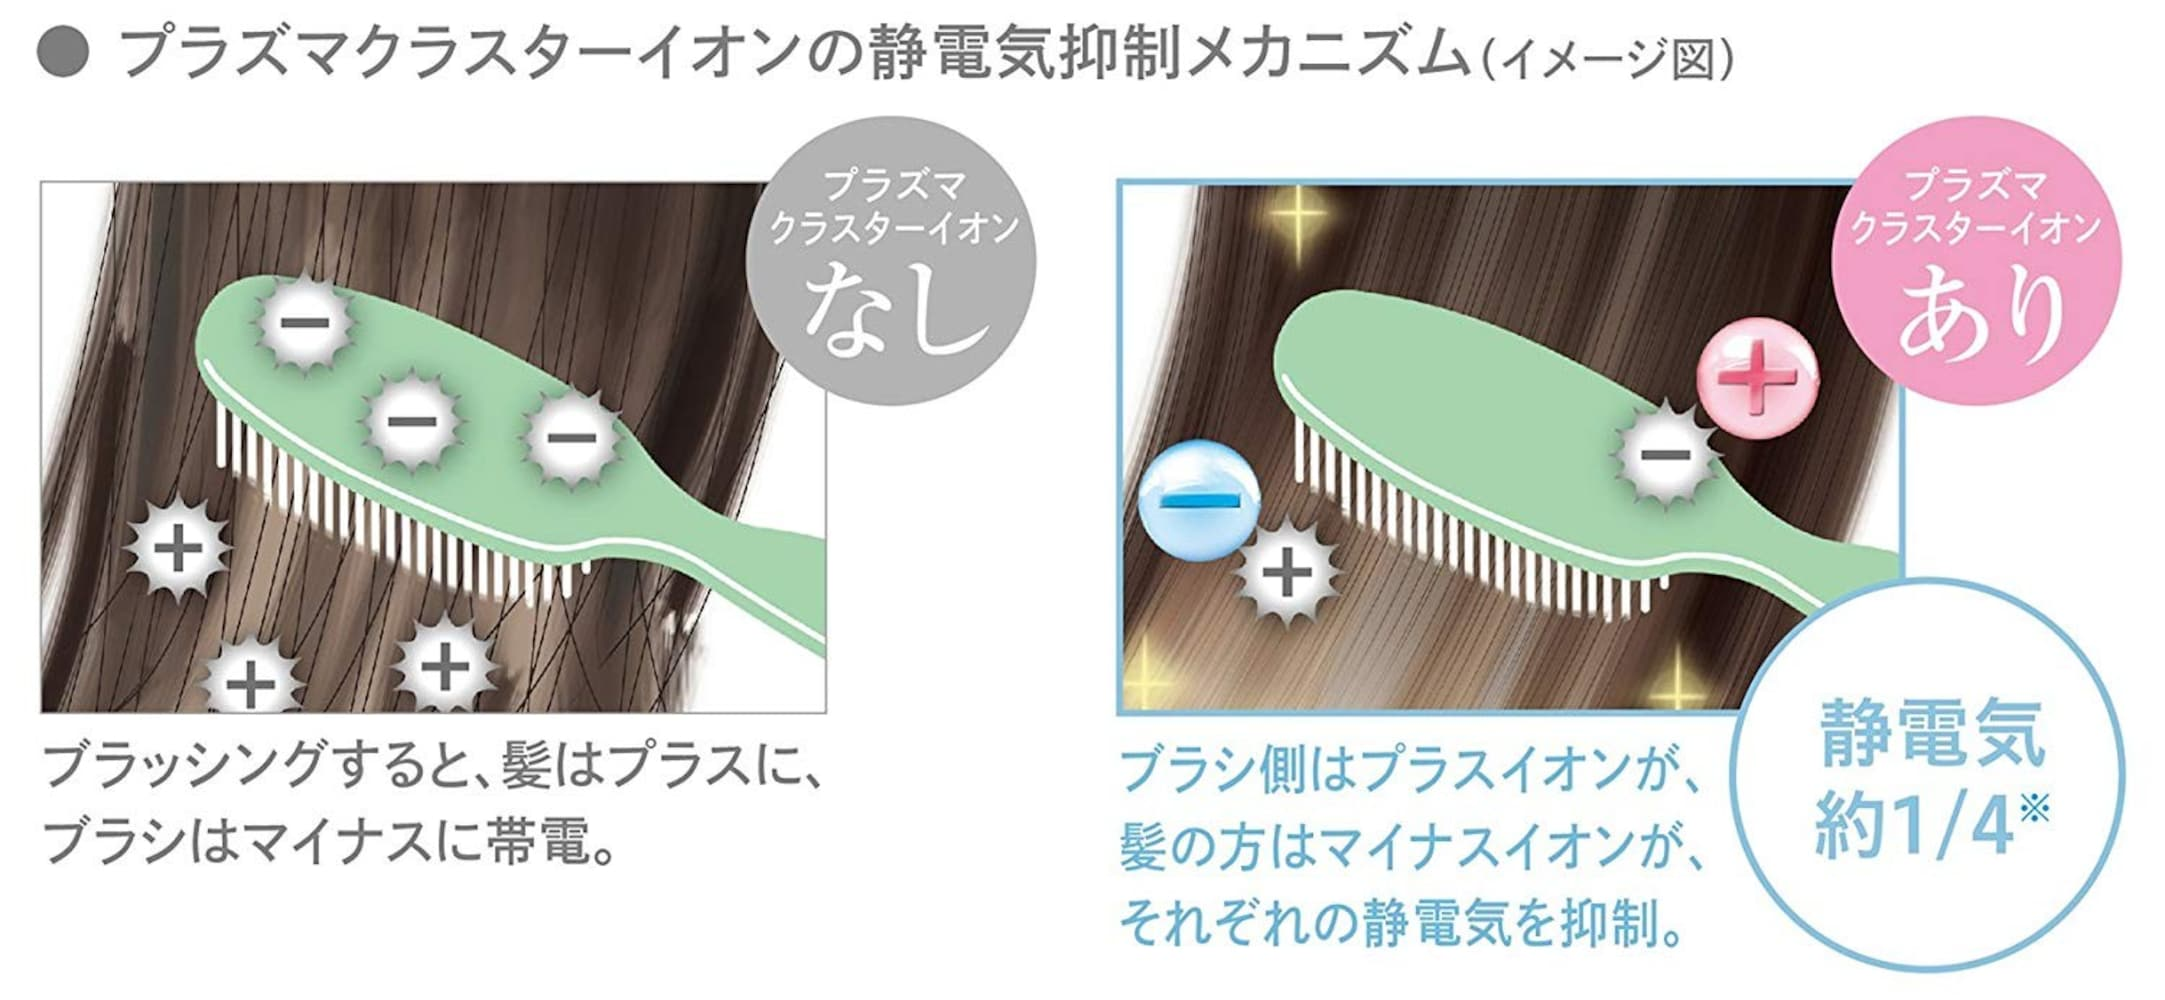 静電気抑制と保湿でキューティクルをケア